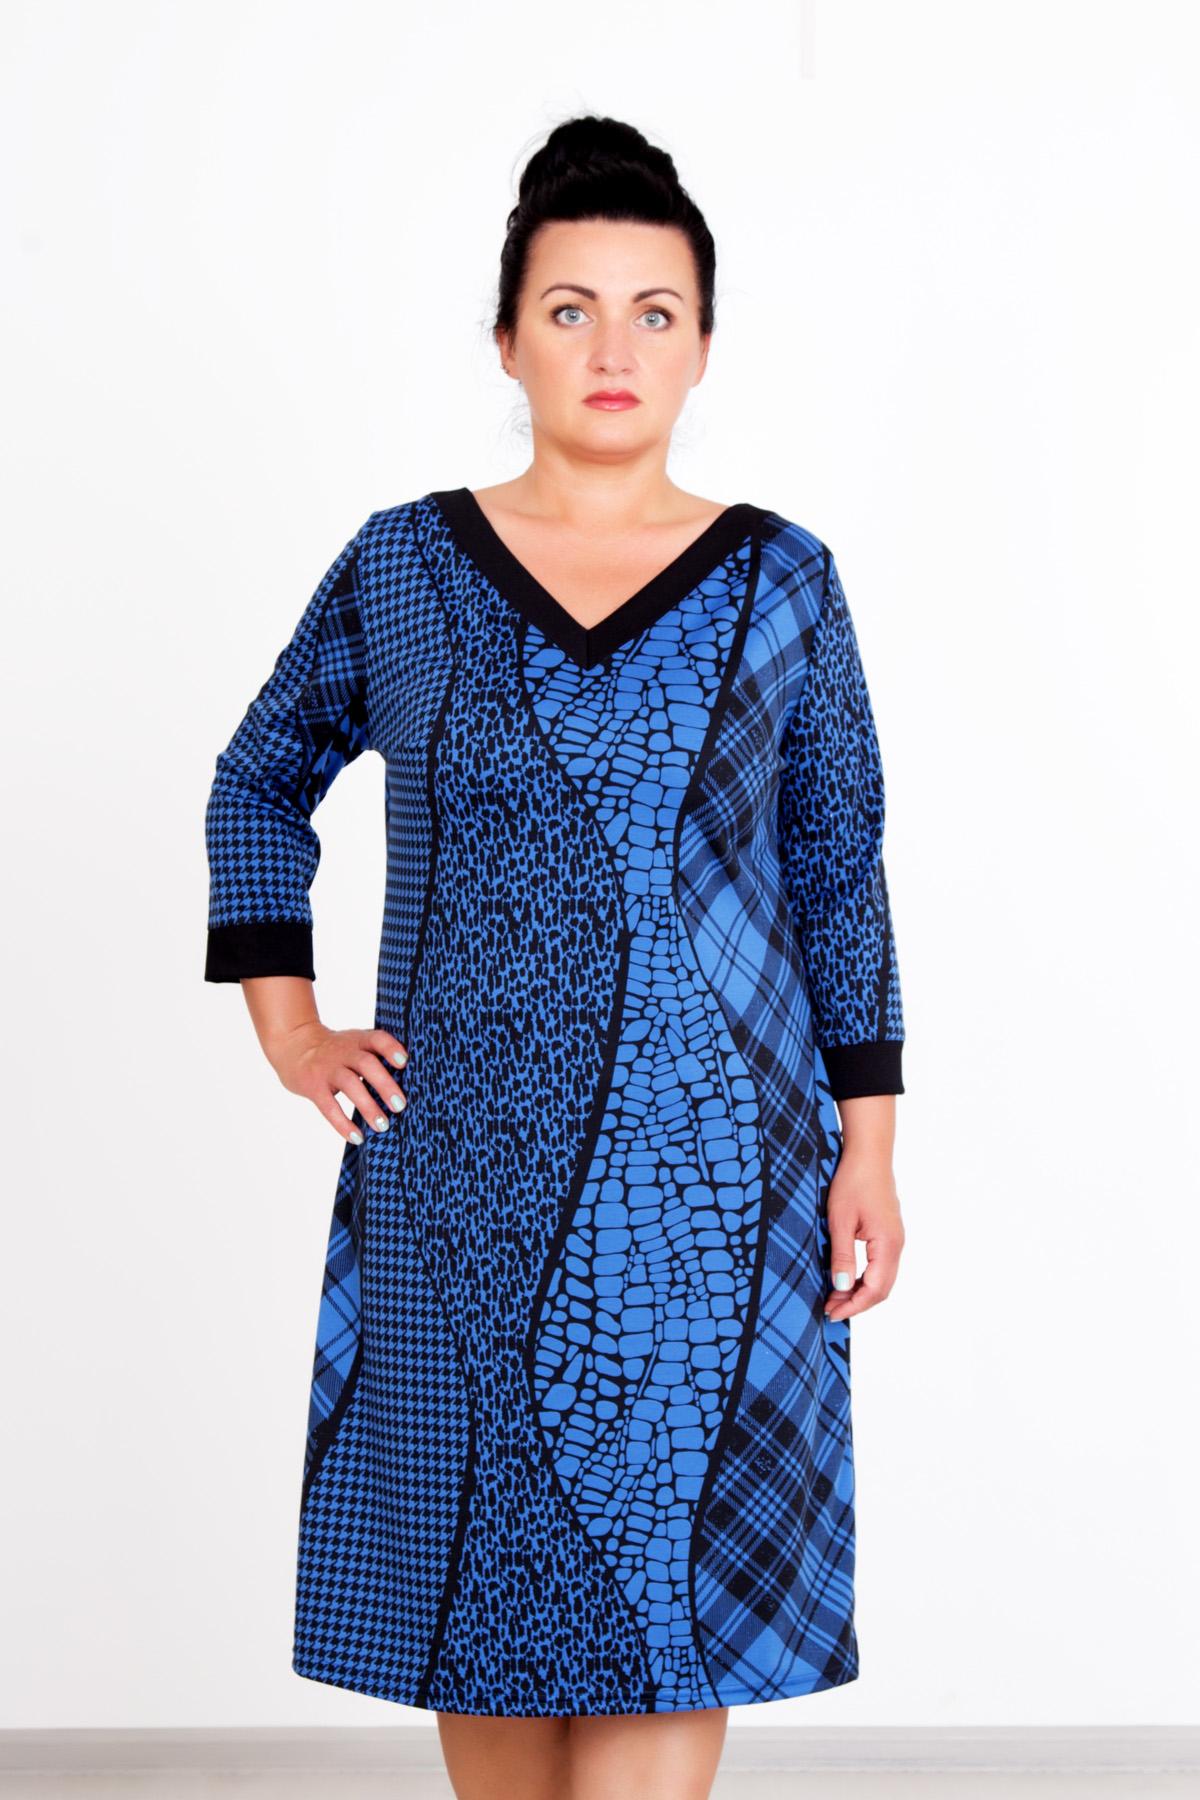 Жен. платье Сигма р. 50Платья<br>Обхват груди: 100 см <br>Обхват талии: 82 см <br>Обхват бедер: 108 см <br>Длина по спинке: 98 см <br>Рост: 167 см<br><br>Тип: Жен. платье<br>Размер: 50<br>Материал: Милано-пунто